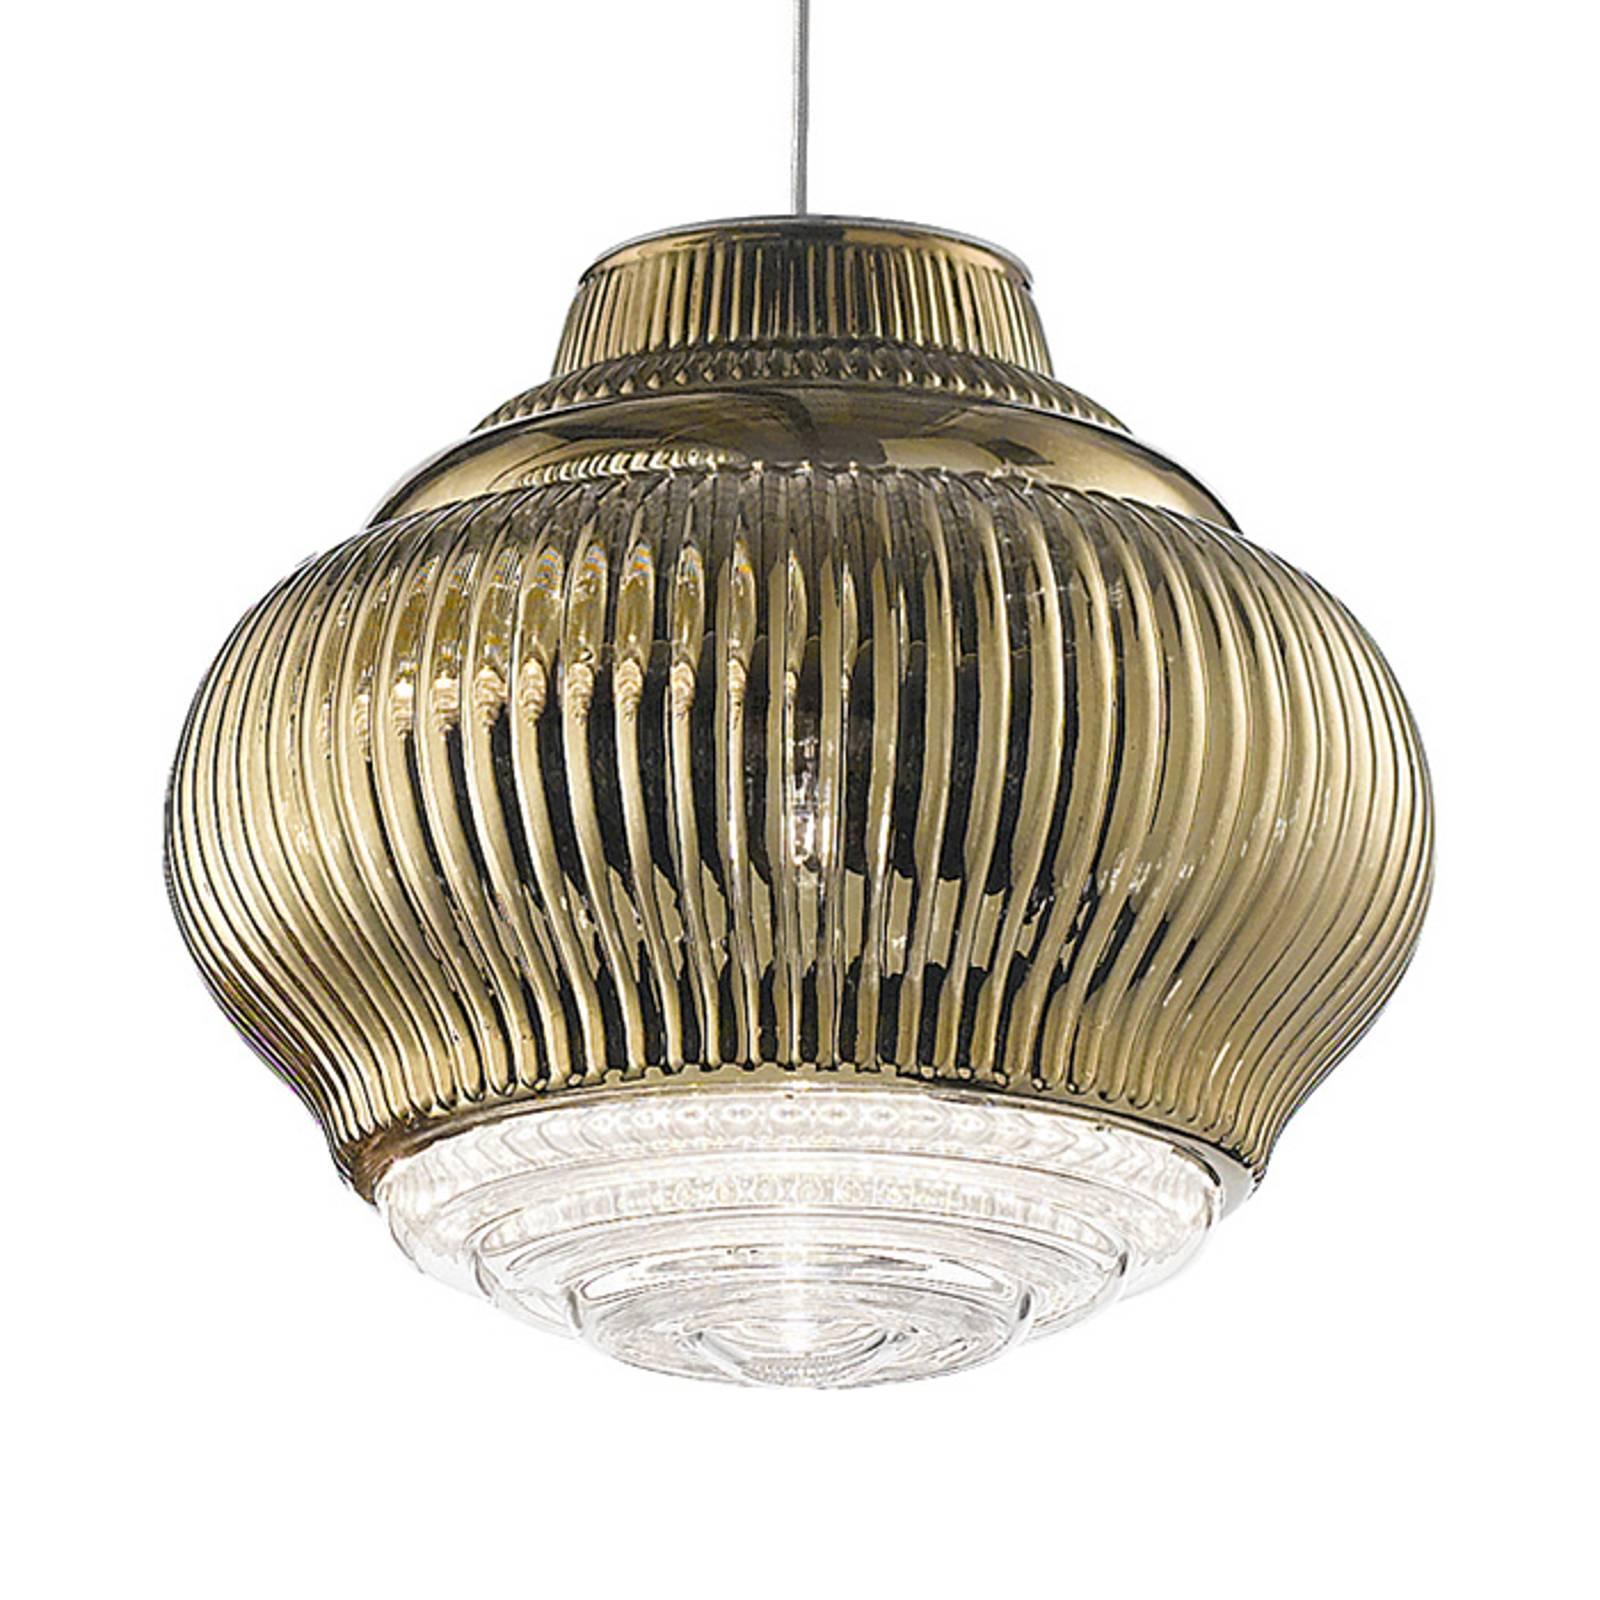 Lampa wisząca Bonnie 130 cm stare złoto metallic